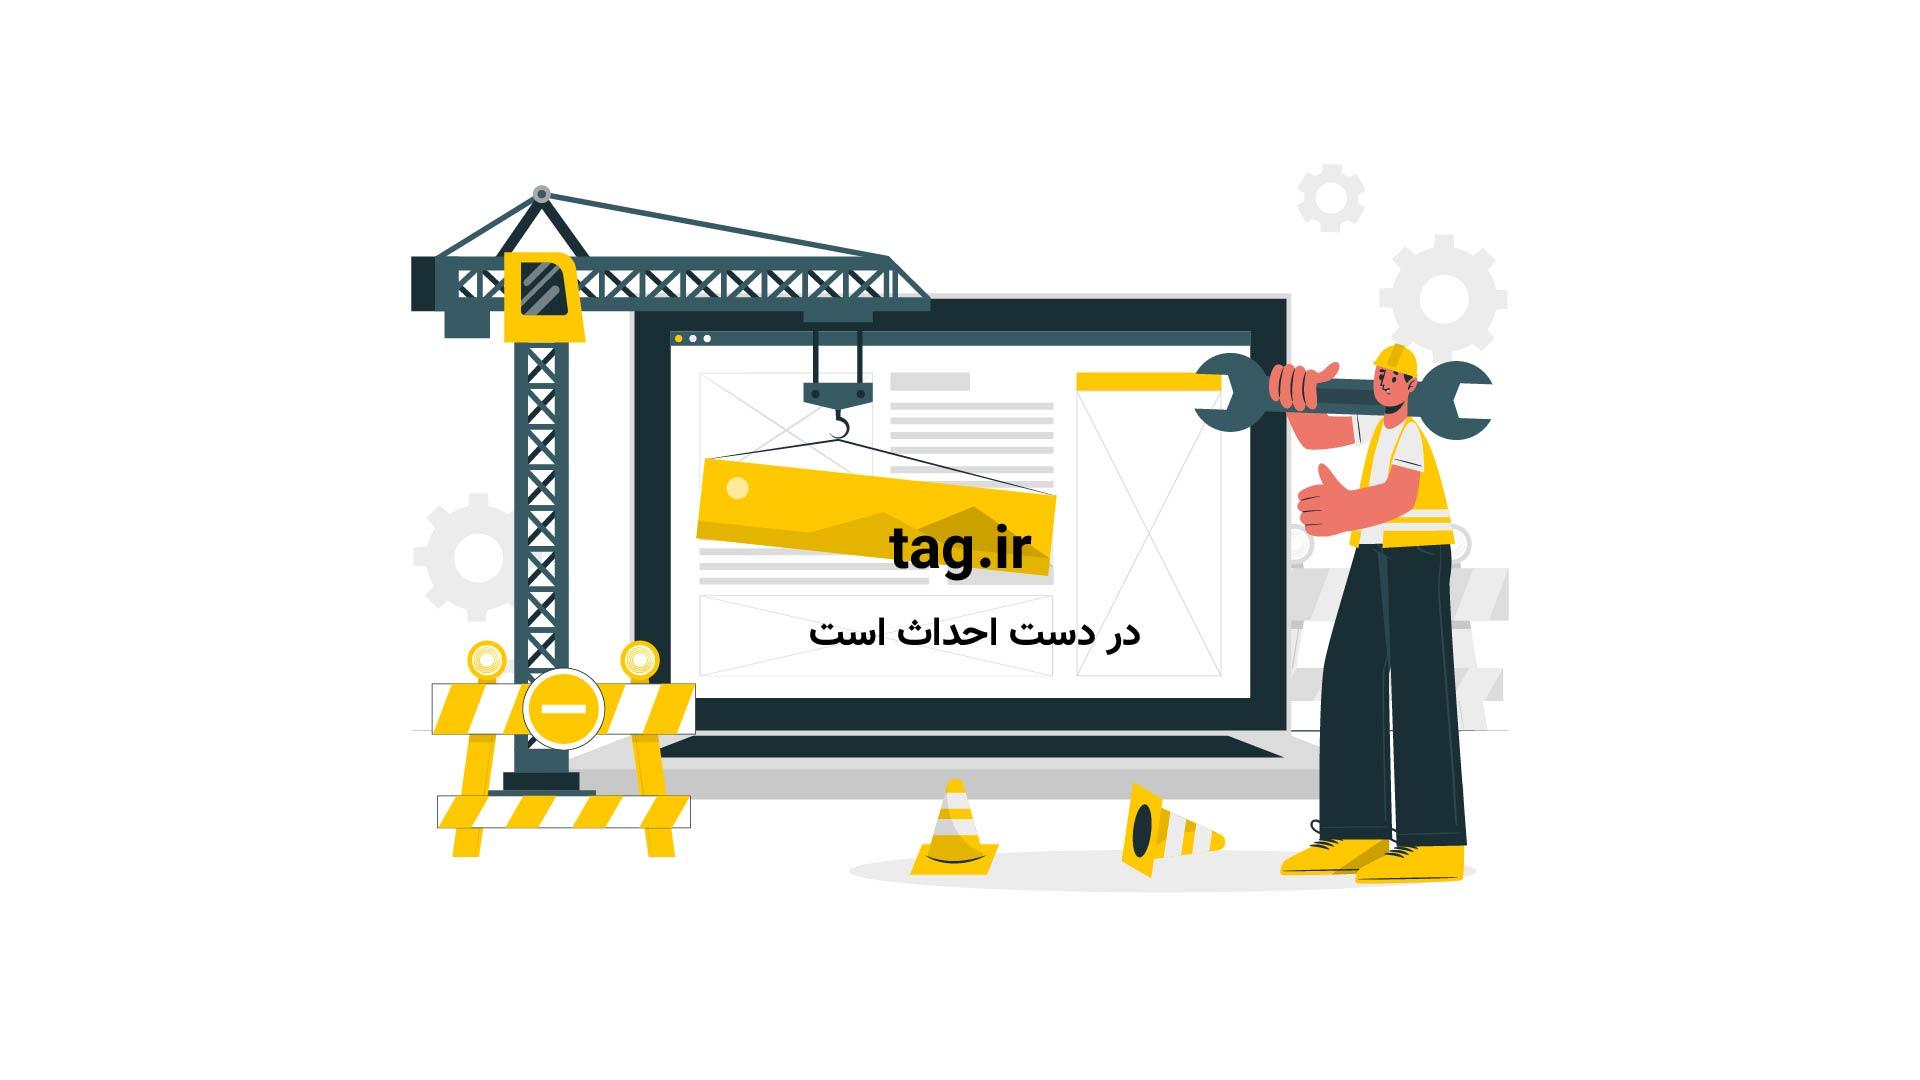 توله خرسهای بازیگوش؛ مادر صبور و آرام|تگ